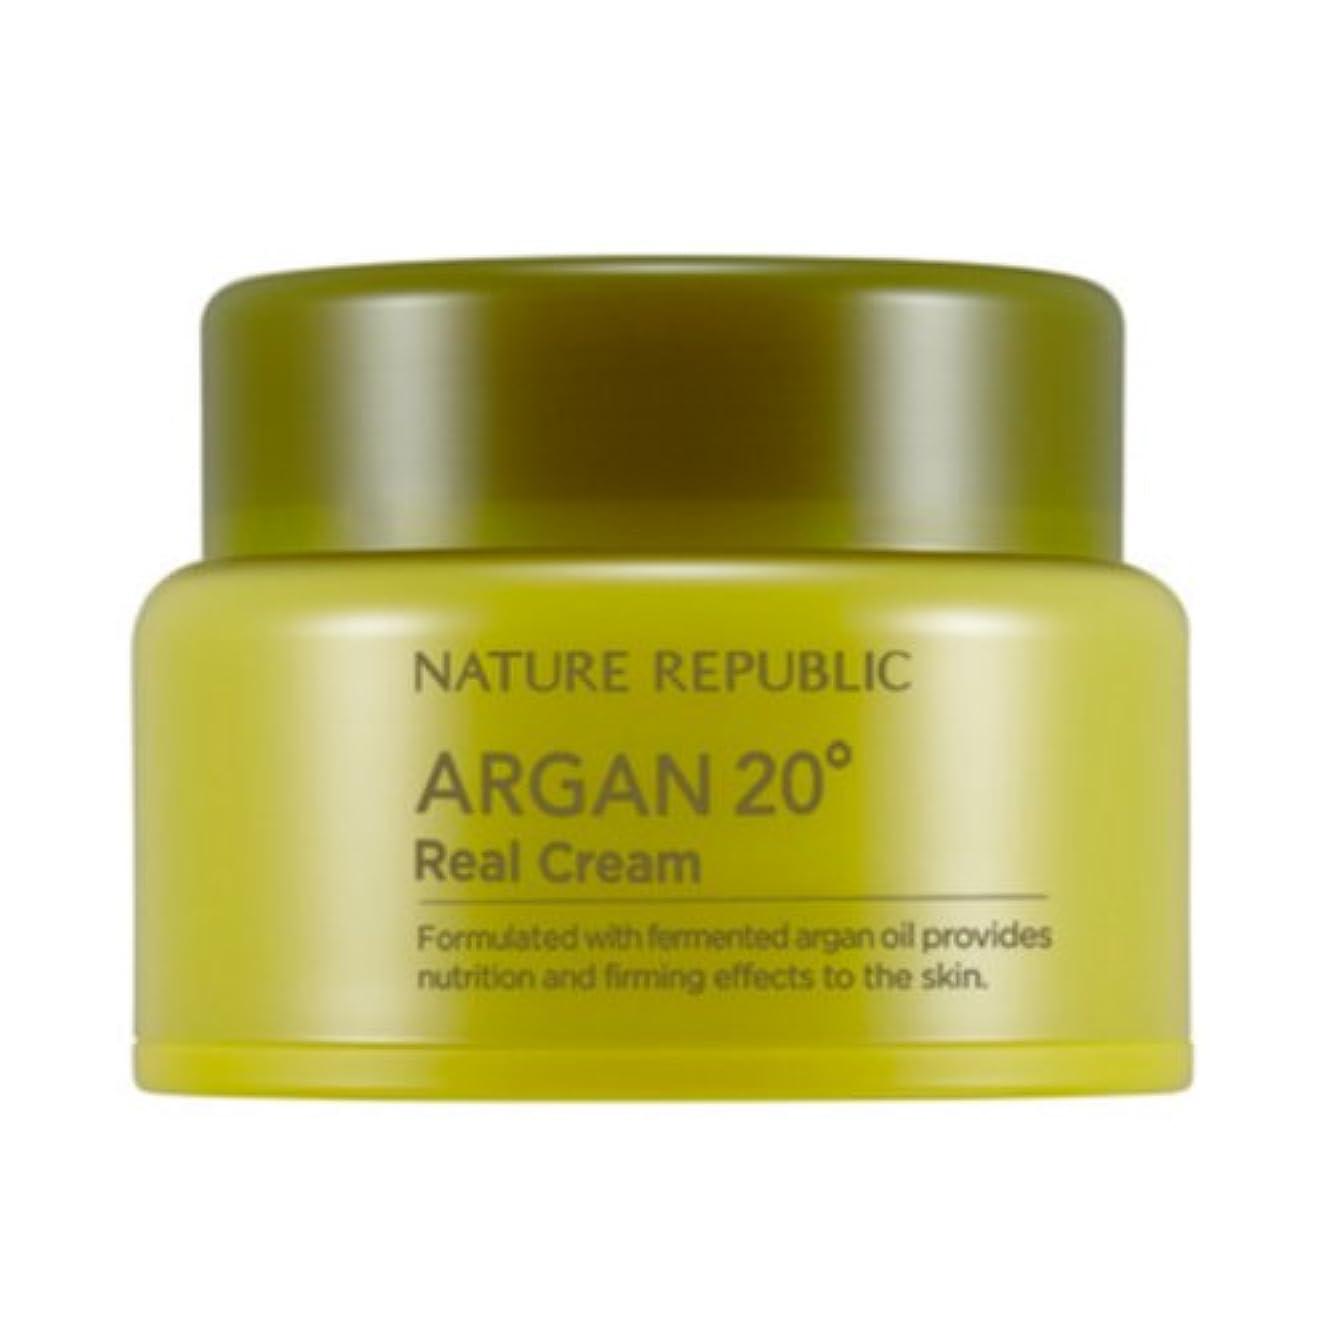 ホール懺悔木曜日[ネイチャーリパブリック] Nature republicアルガン20ºリアルクリーム海外直送品(Argan20ºReal Cream) [並行輸入品]